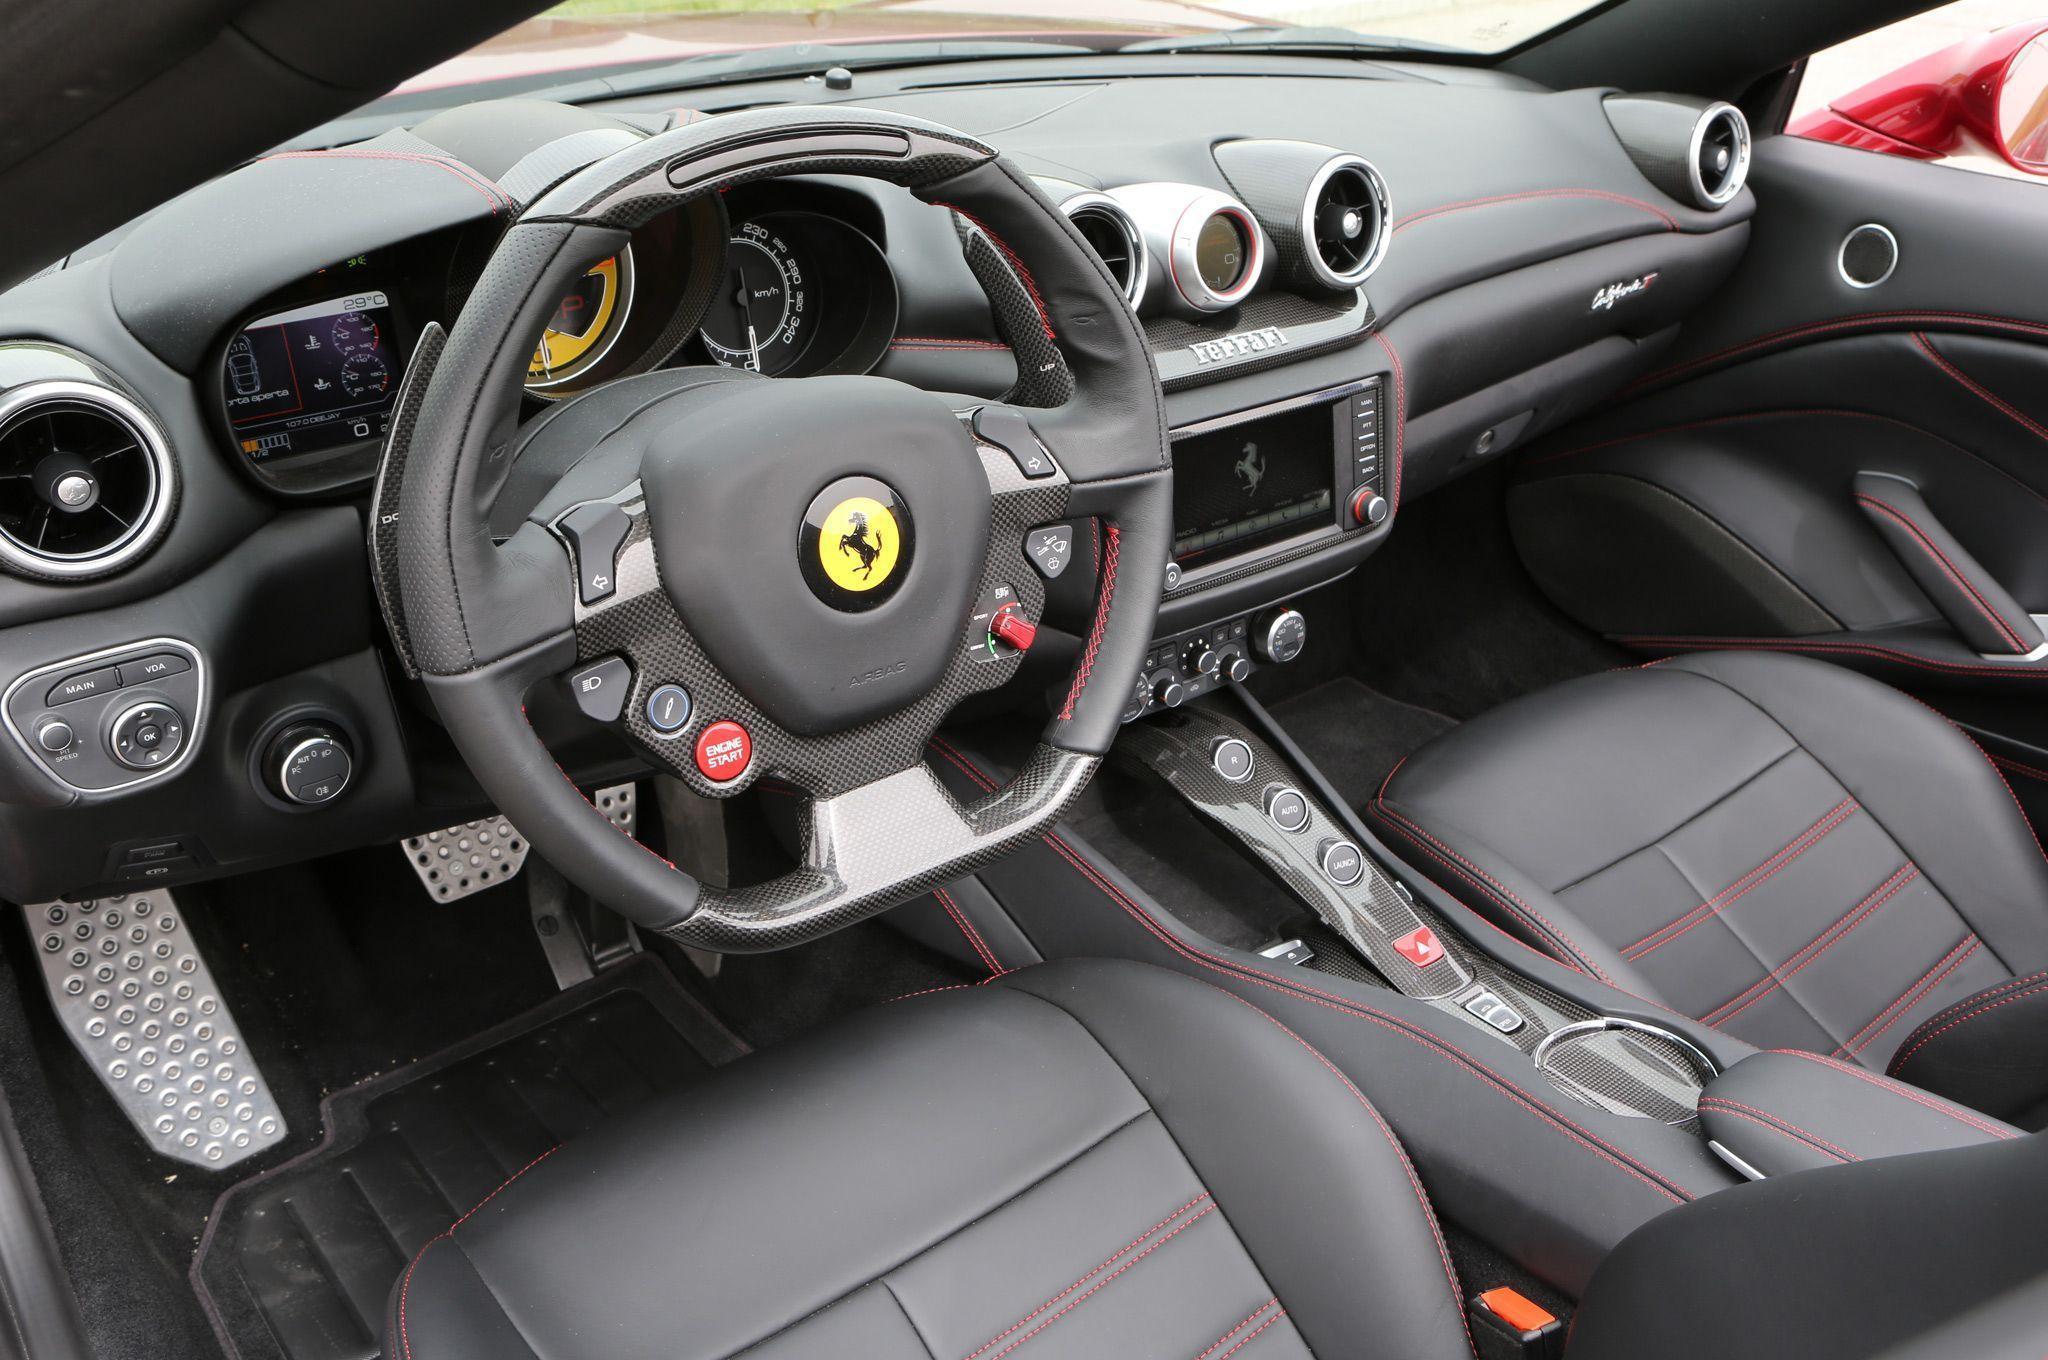 Picture 2016, 2015 Ferrari Enzo Interior Awesome HD Wallpaper .